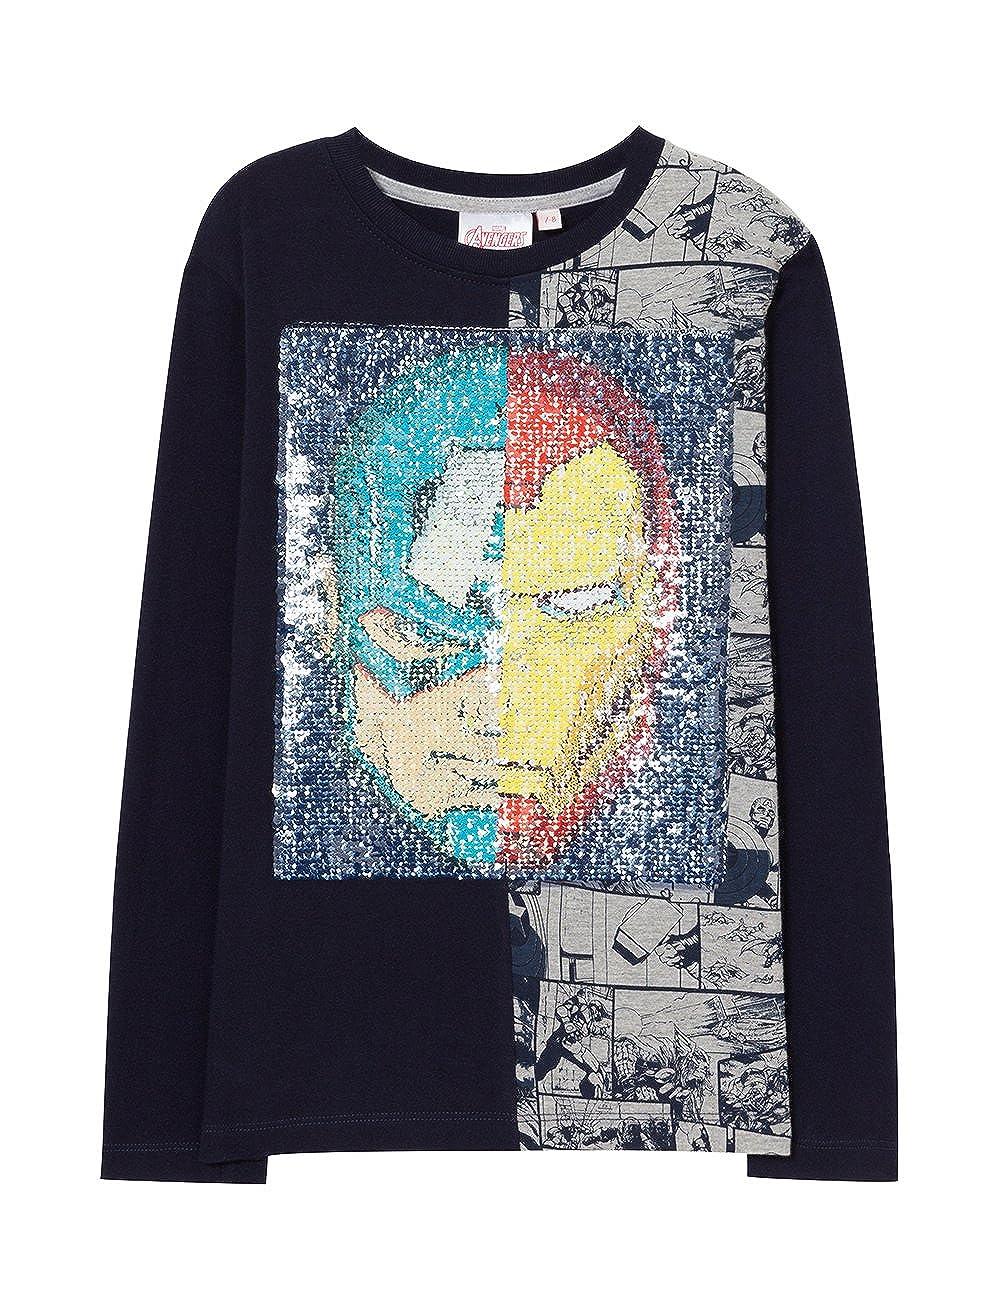 Desigual TS/_edu T-Shirt Bambino